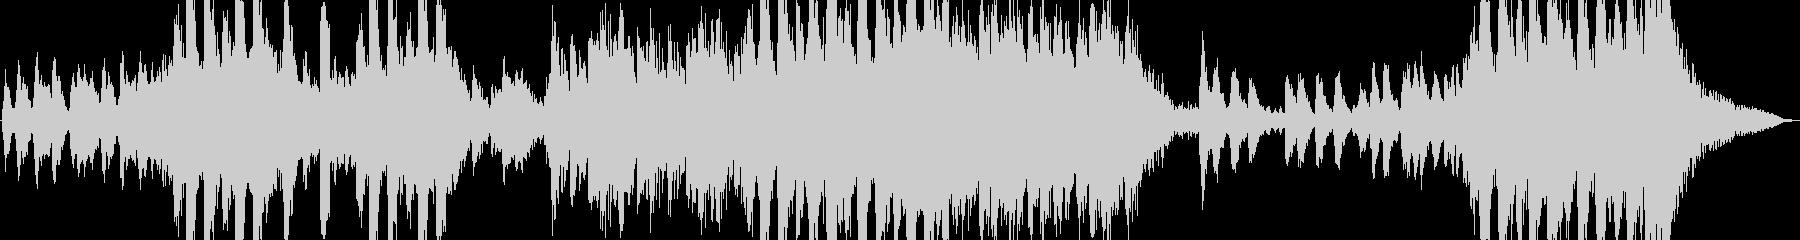 このエネルギッシュなオーケストラト...の未再生の波形